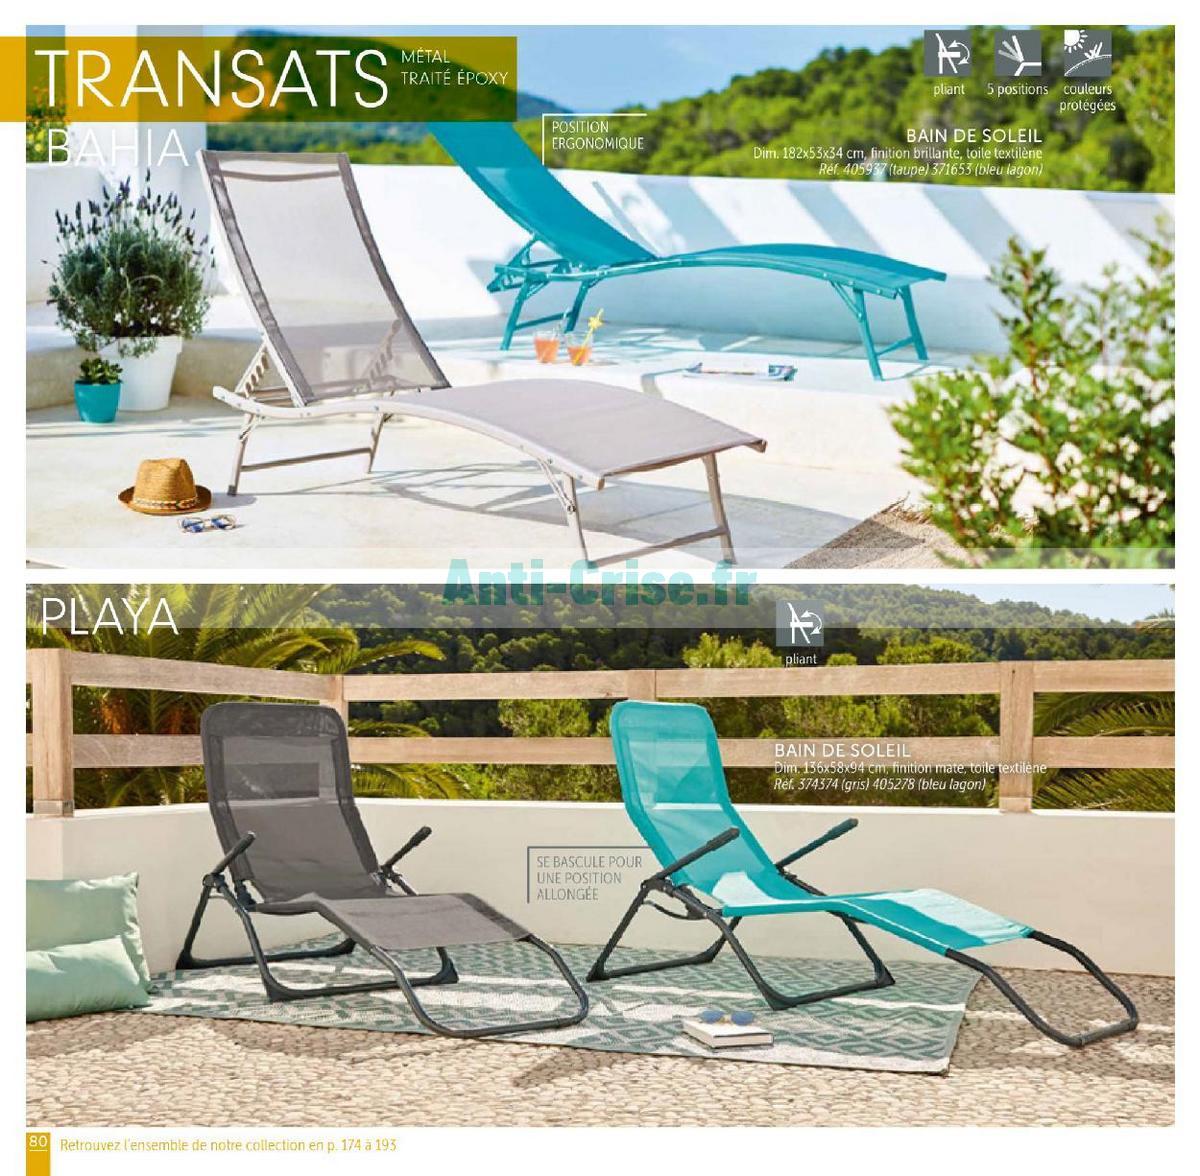 Catalogue Gifi Du 1Er Mai Au 31 Août 2018 (Plein Air ... pour Bain De Soleil Playa Gifi